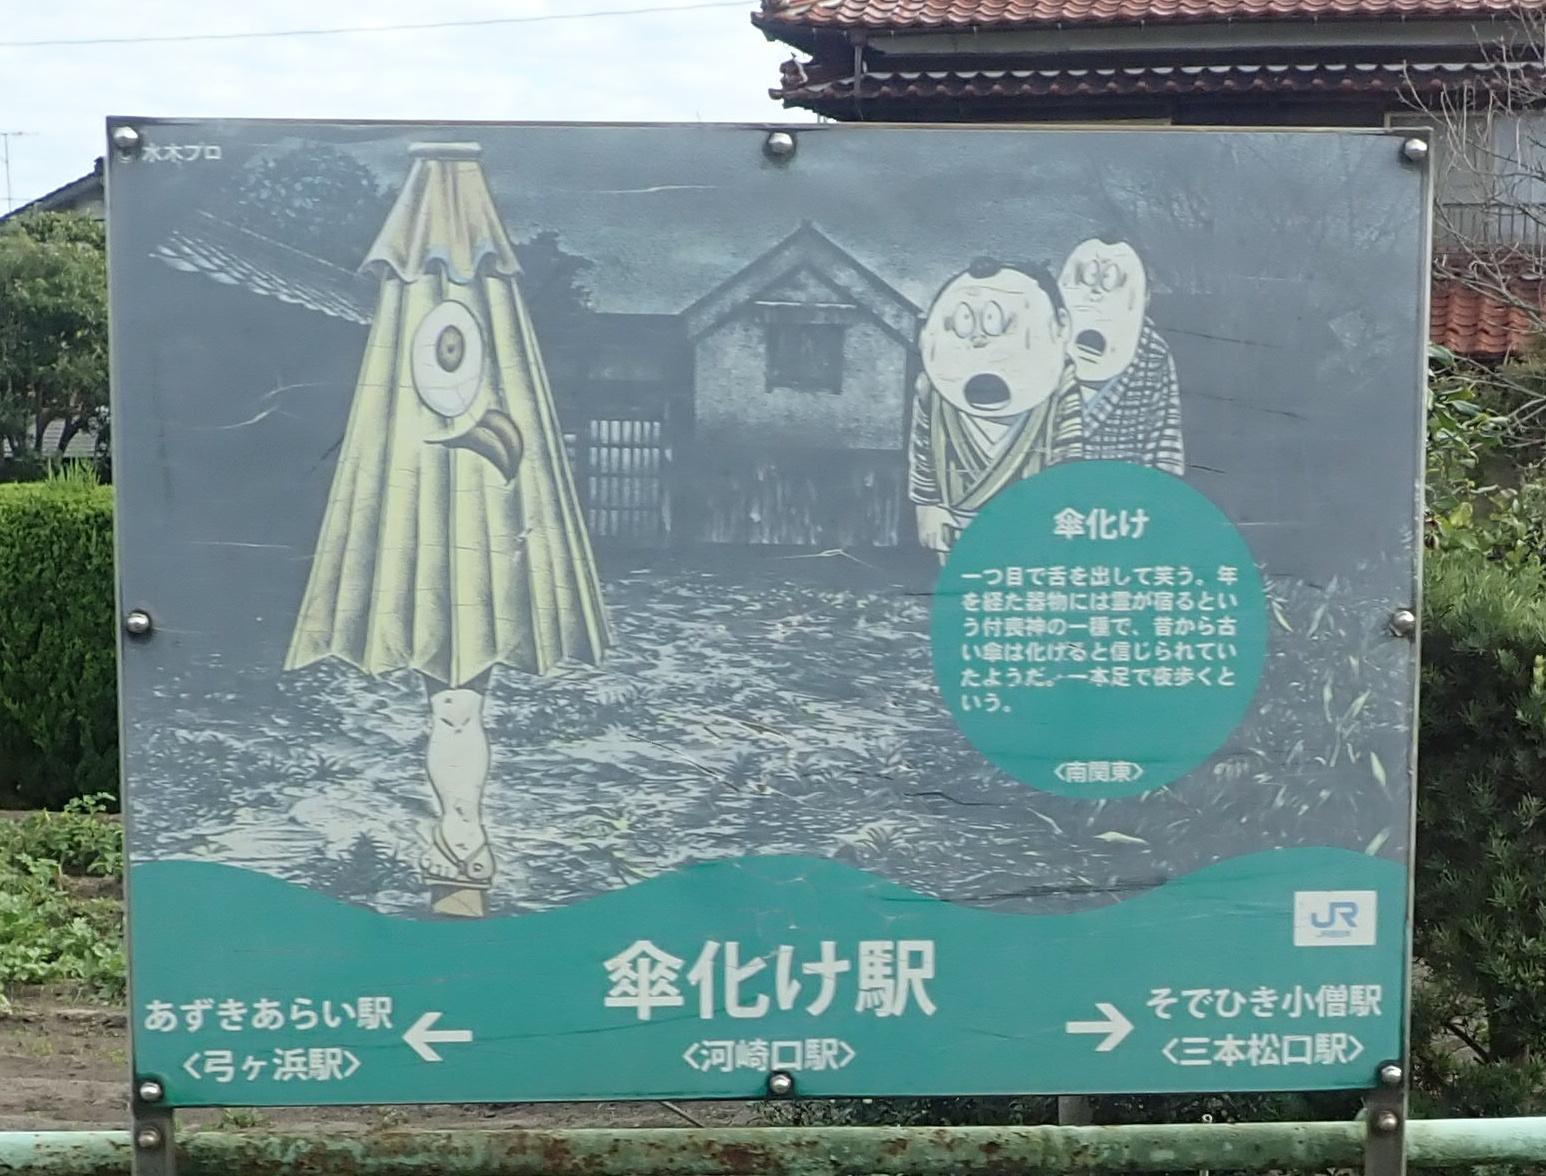 鬼太郎列車に乗ると通過する河崎口駅